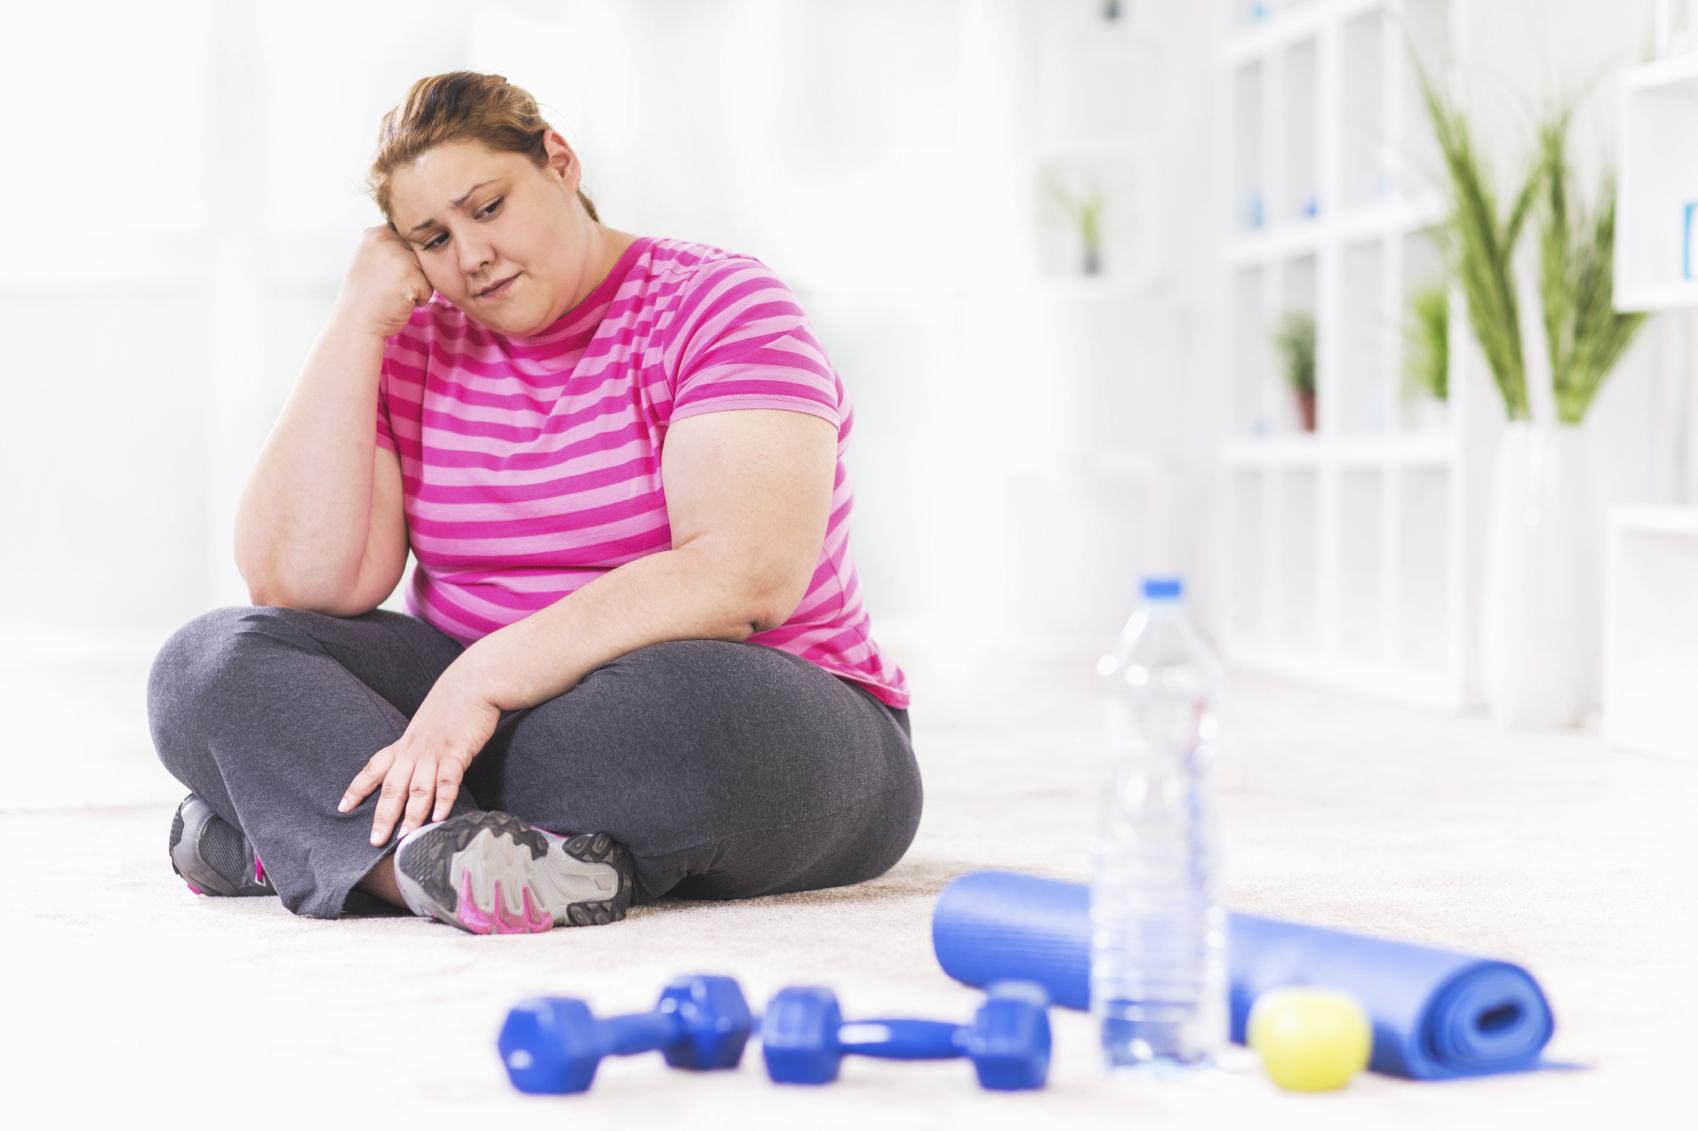 Хочется Похудеть Но Нет Силы. Хочу похудеть, но нет силы воли: 6 простых шагов, которые помогут вам получить фигуру мечты